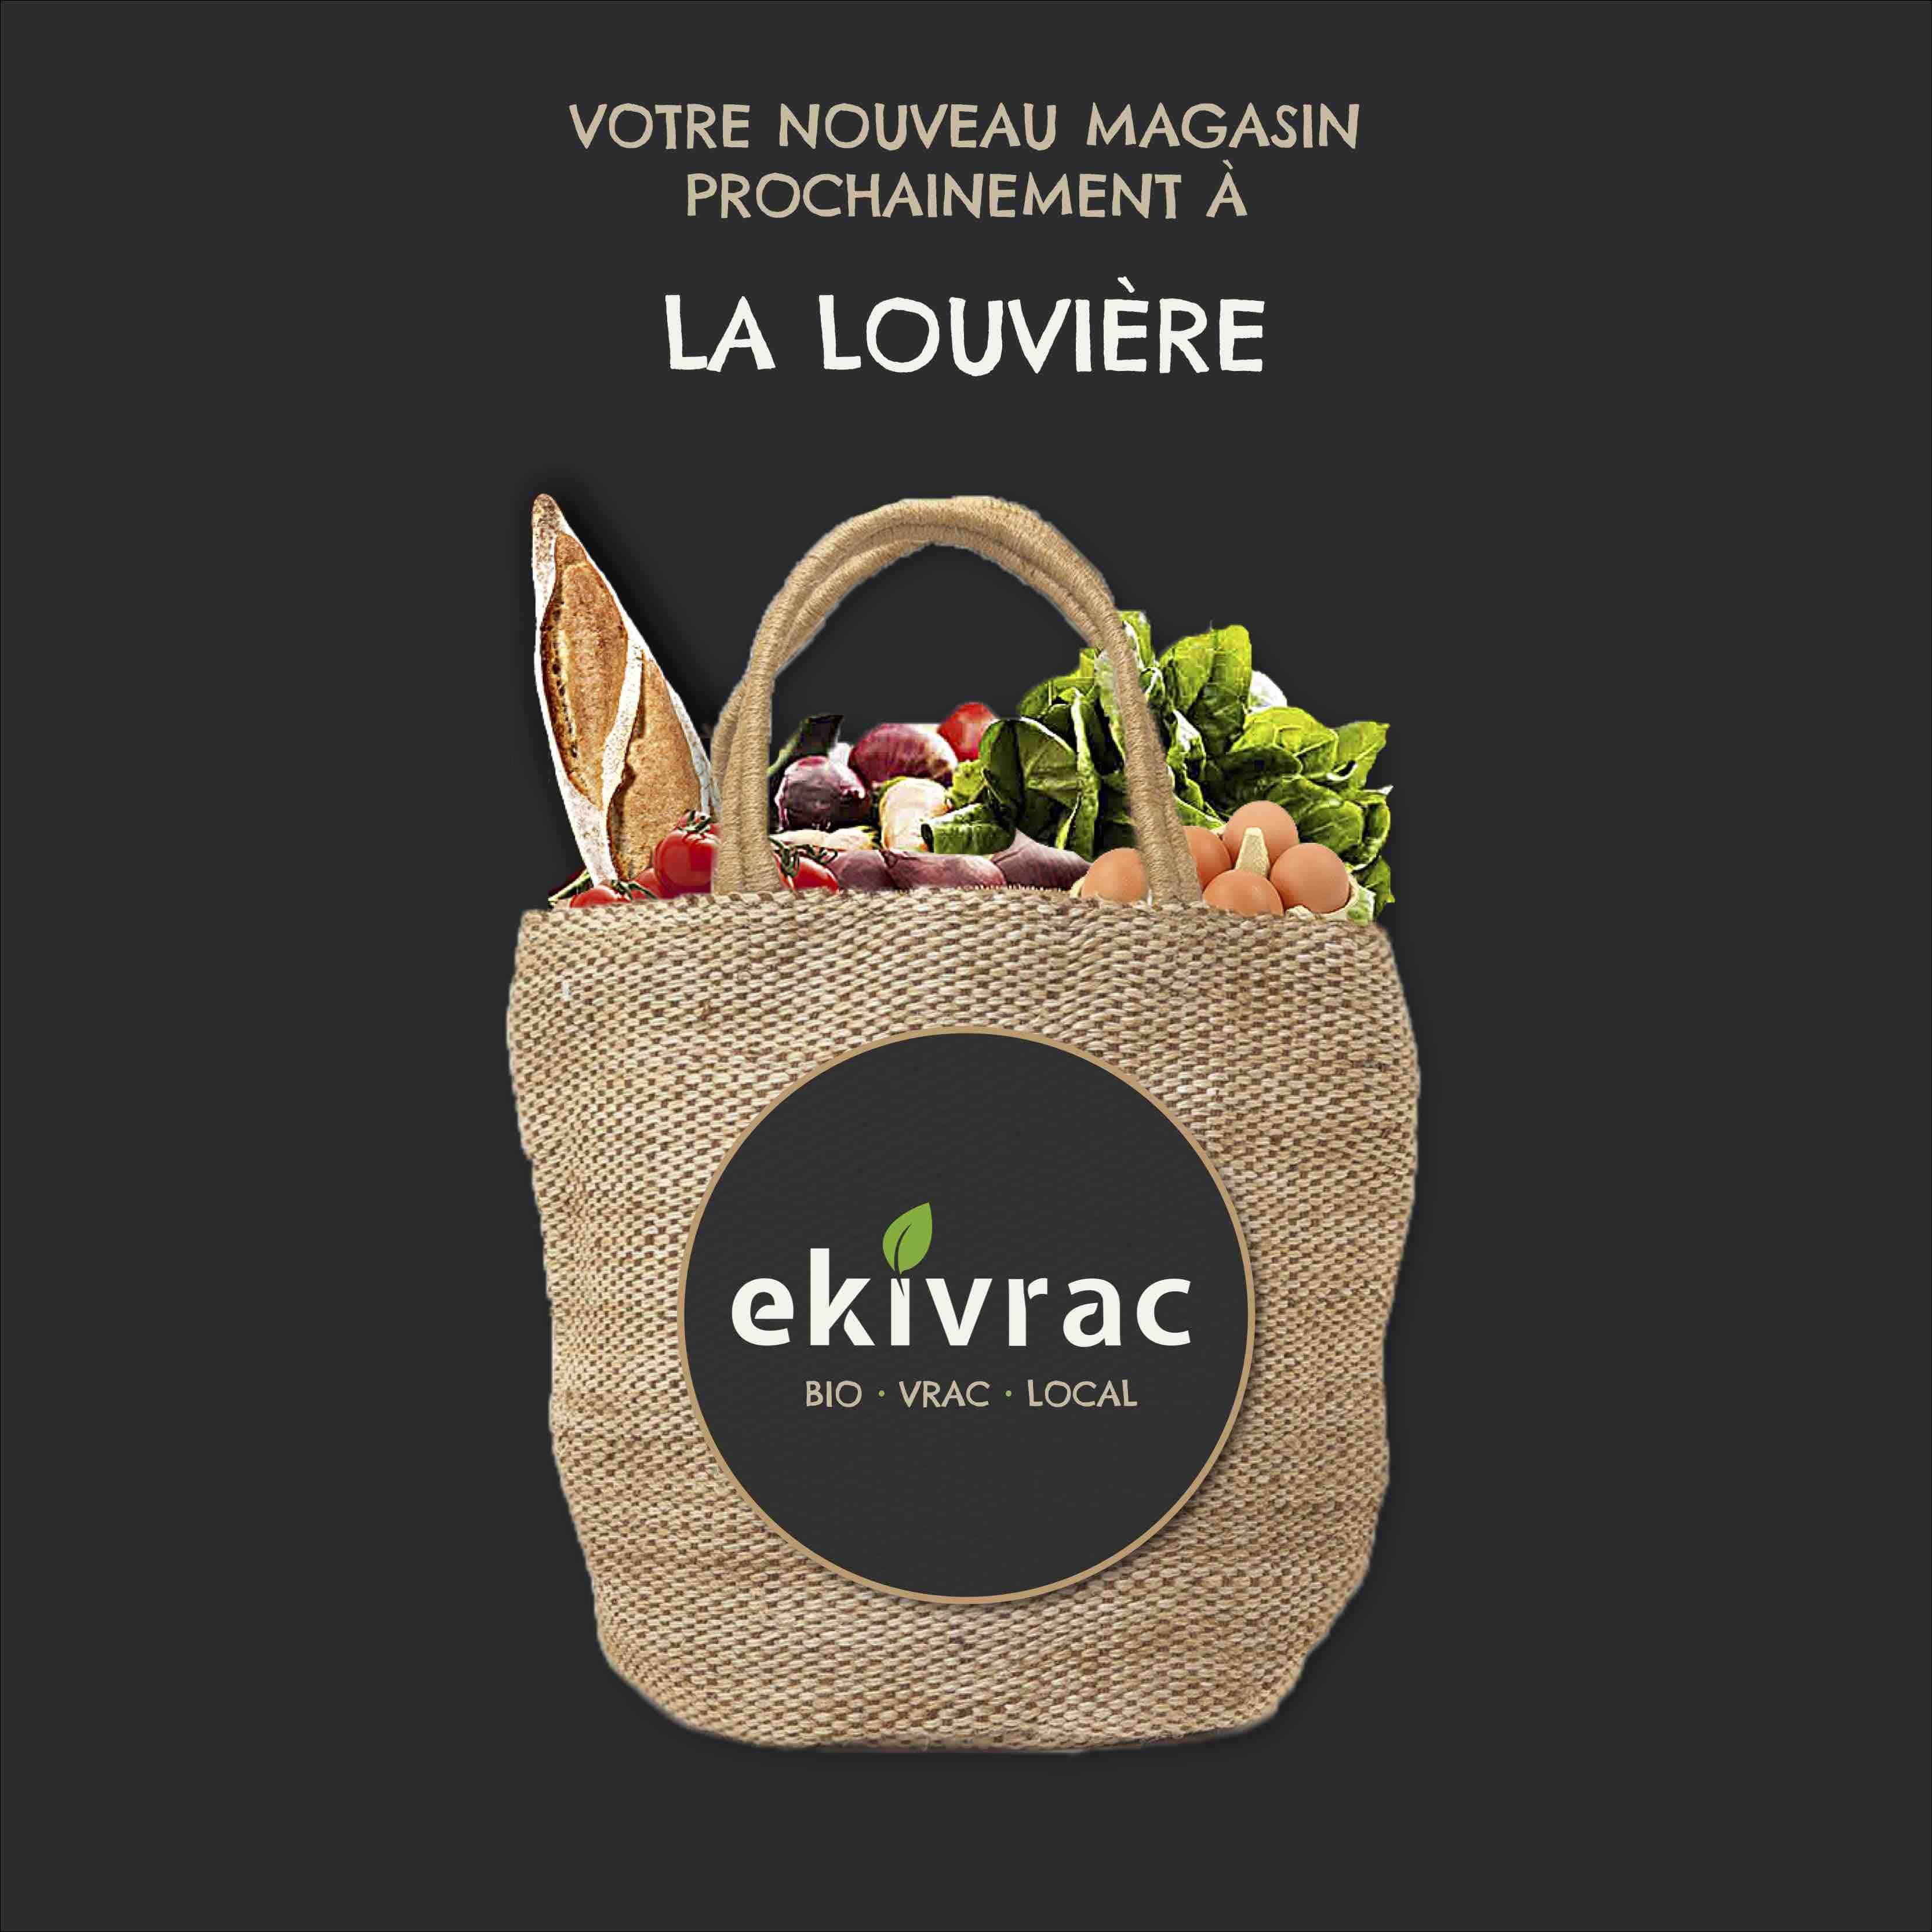 Ekivrac La Louvière